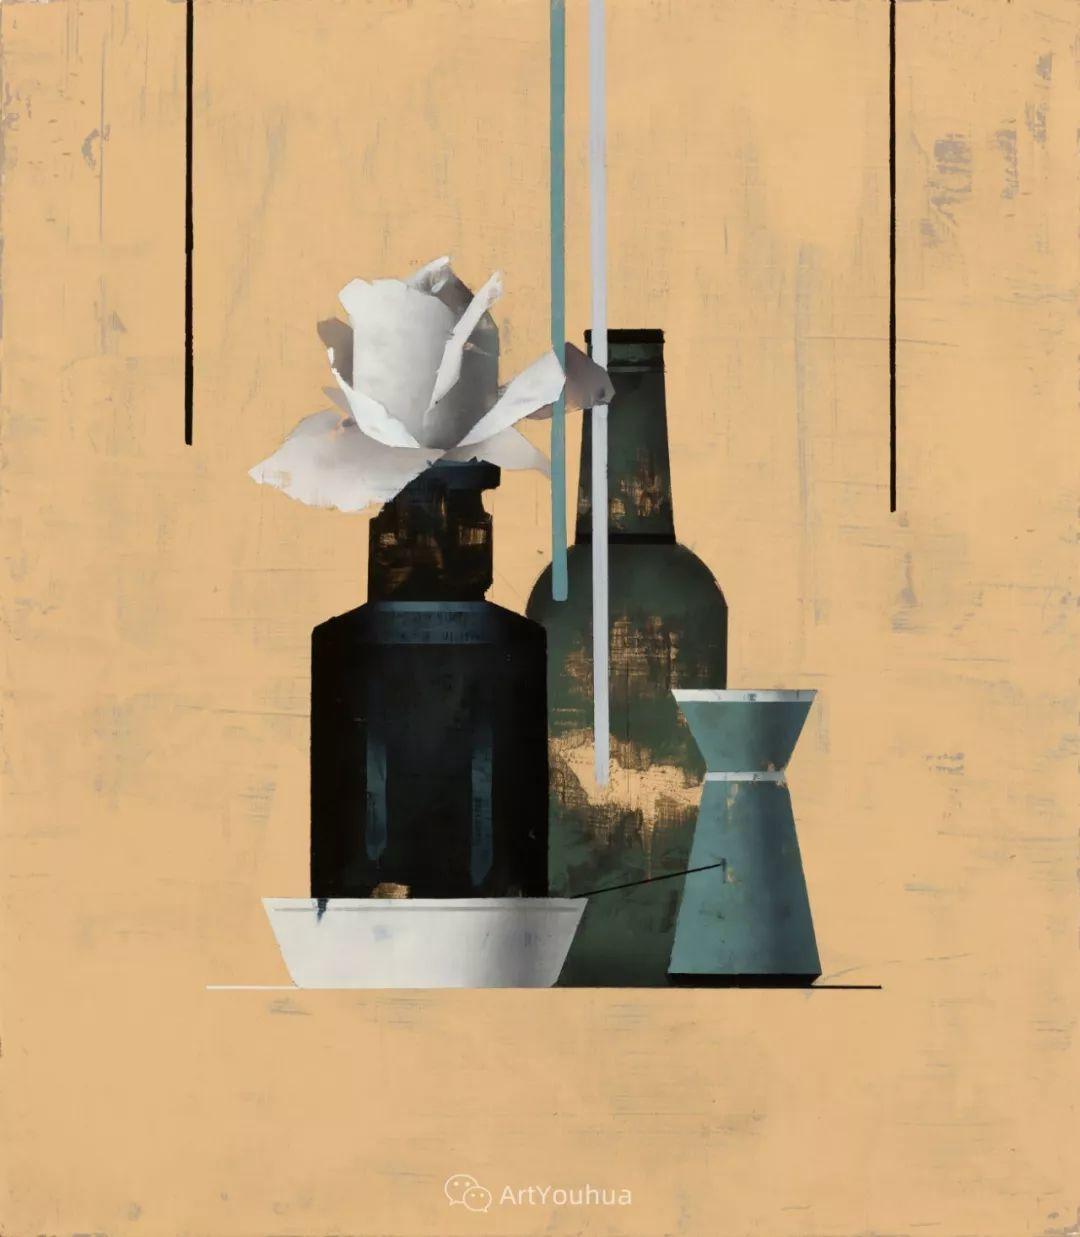 不完整的完整——Matthew Saba插图26